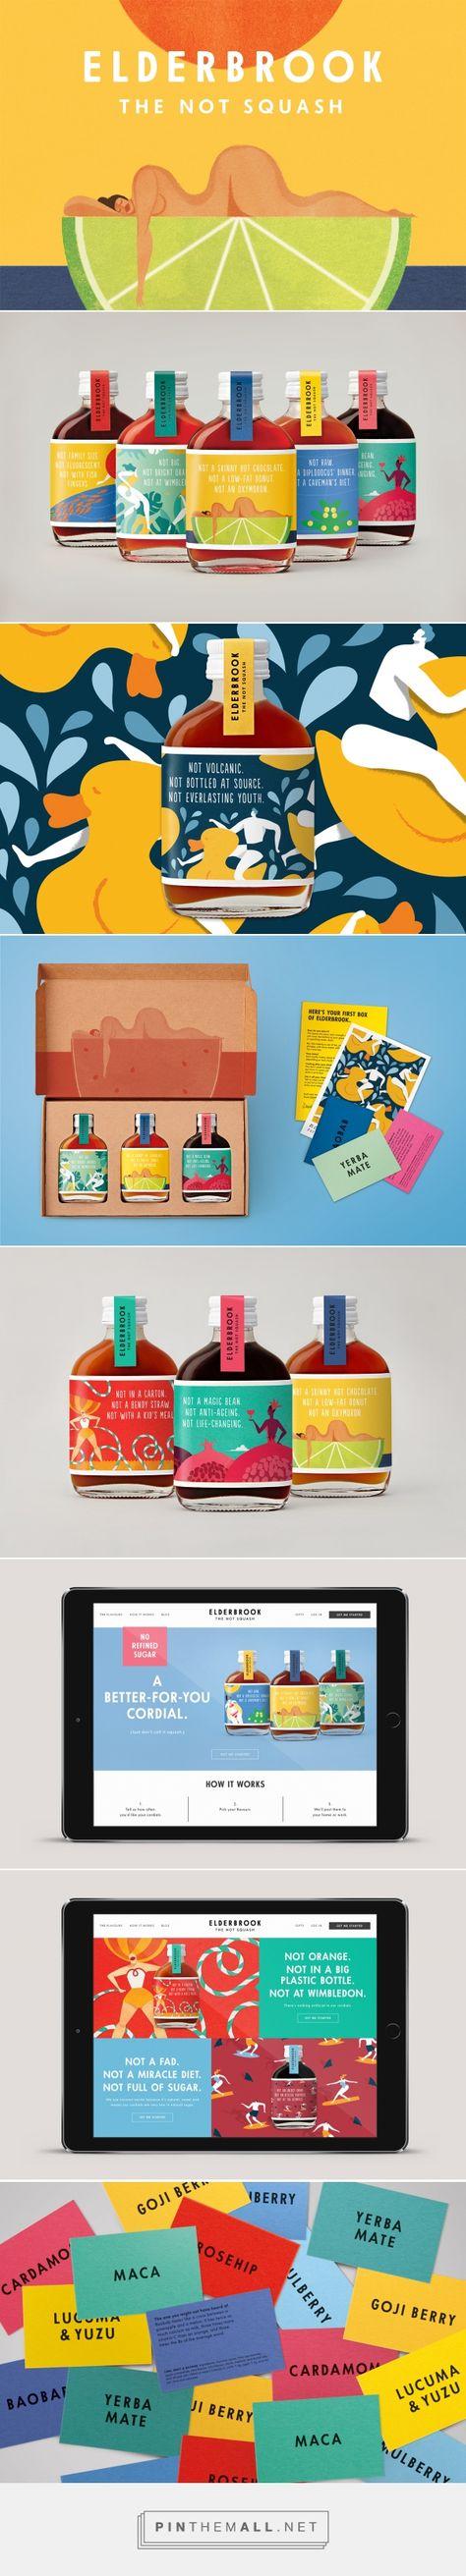 56 Ideas De Pack Disenos De Unas Diseño De Empaques Diseño De Envases